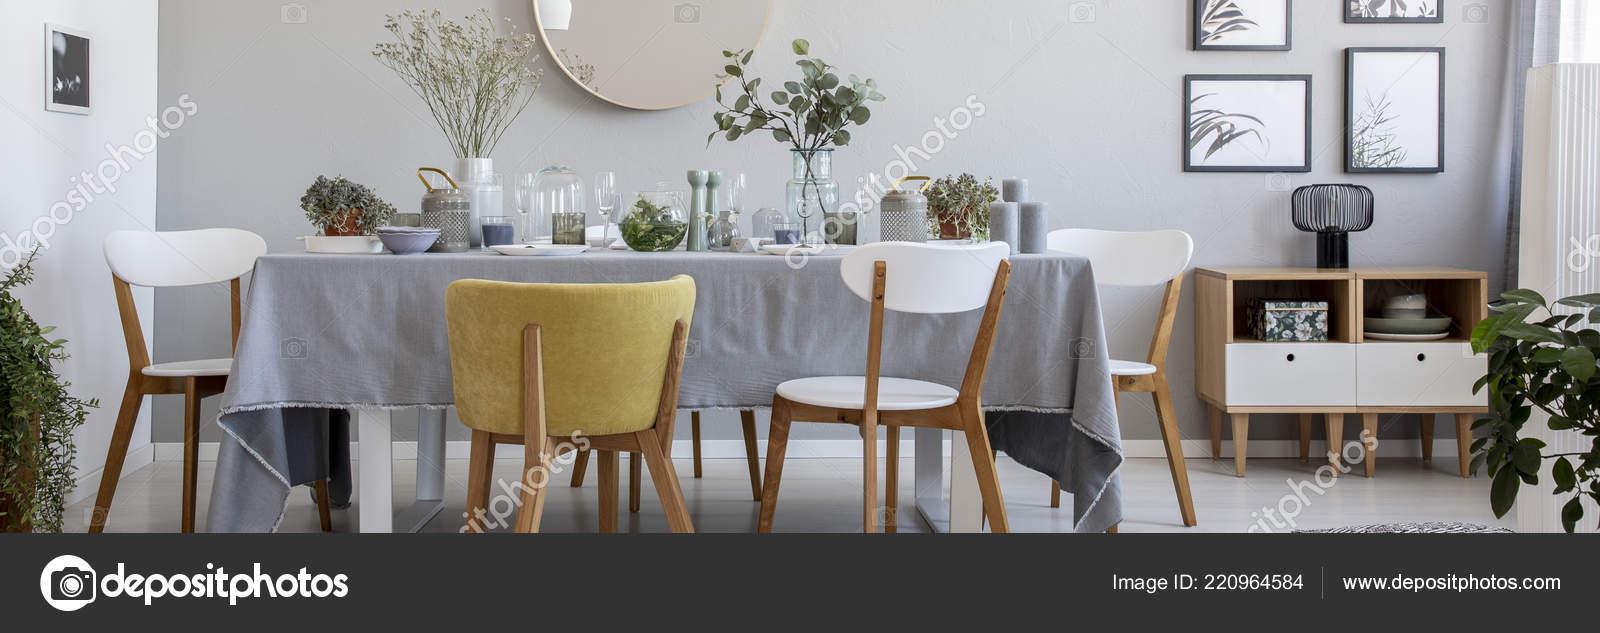 Moderne Stühle Tisch Mit Blumen Und Geschirr Grau Esszimmer ...